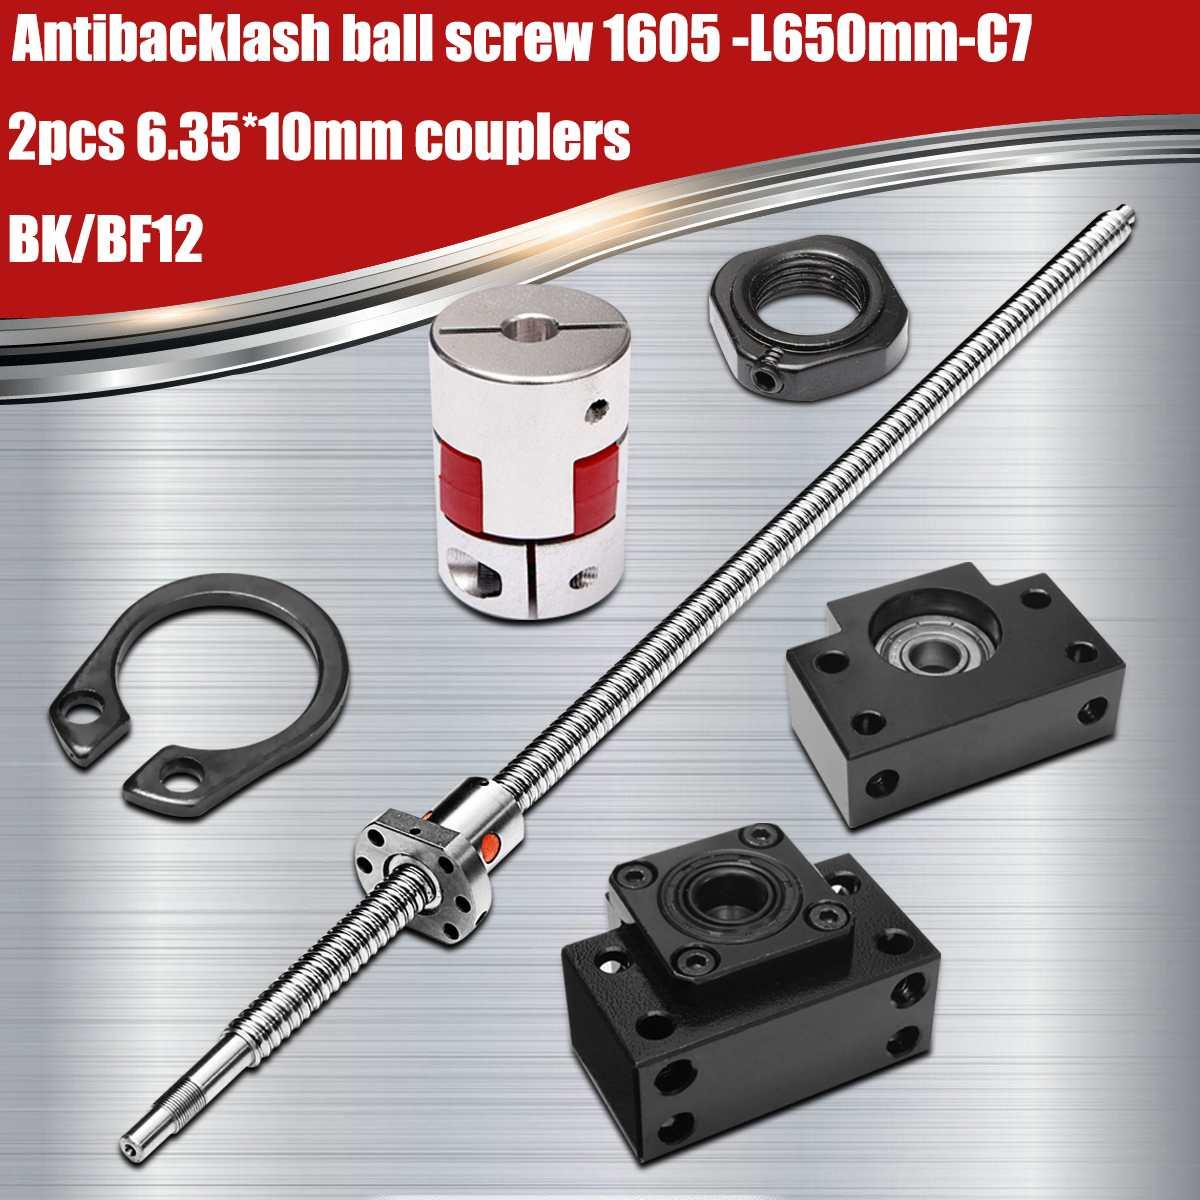 SFU1605-650mm vis à billes roulée 1605-L650mm-C7 + BK/BF12 Support + 2 pièces 6.35*10mm coupleurs